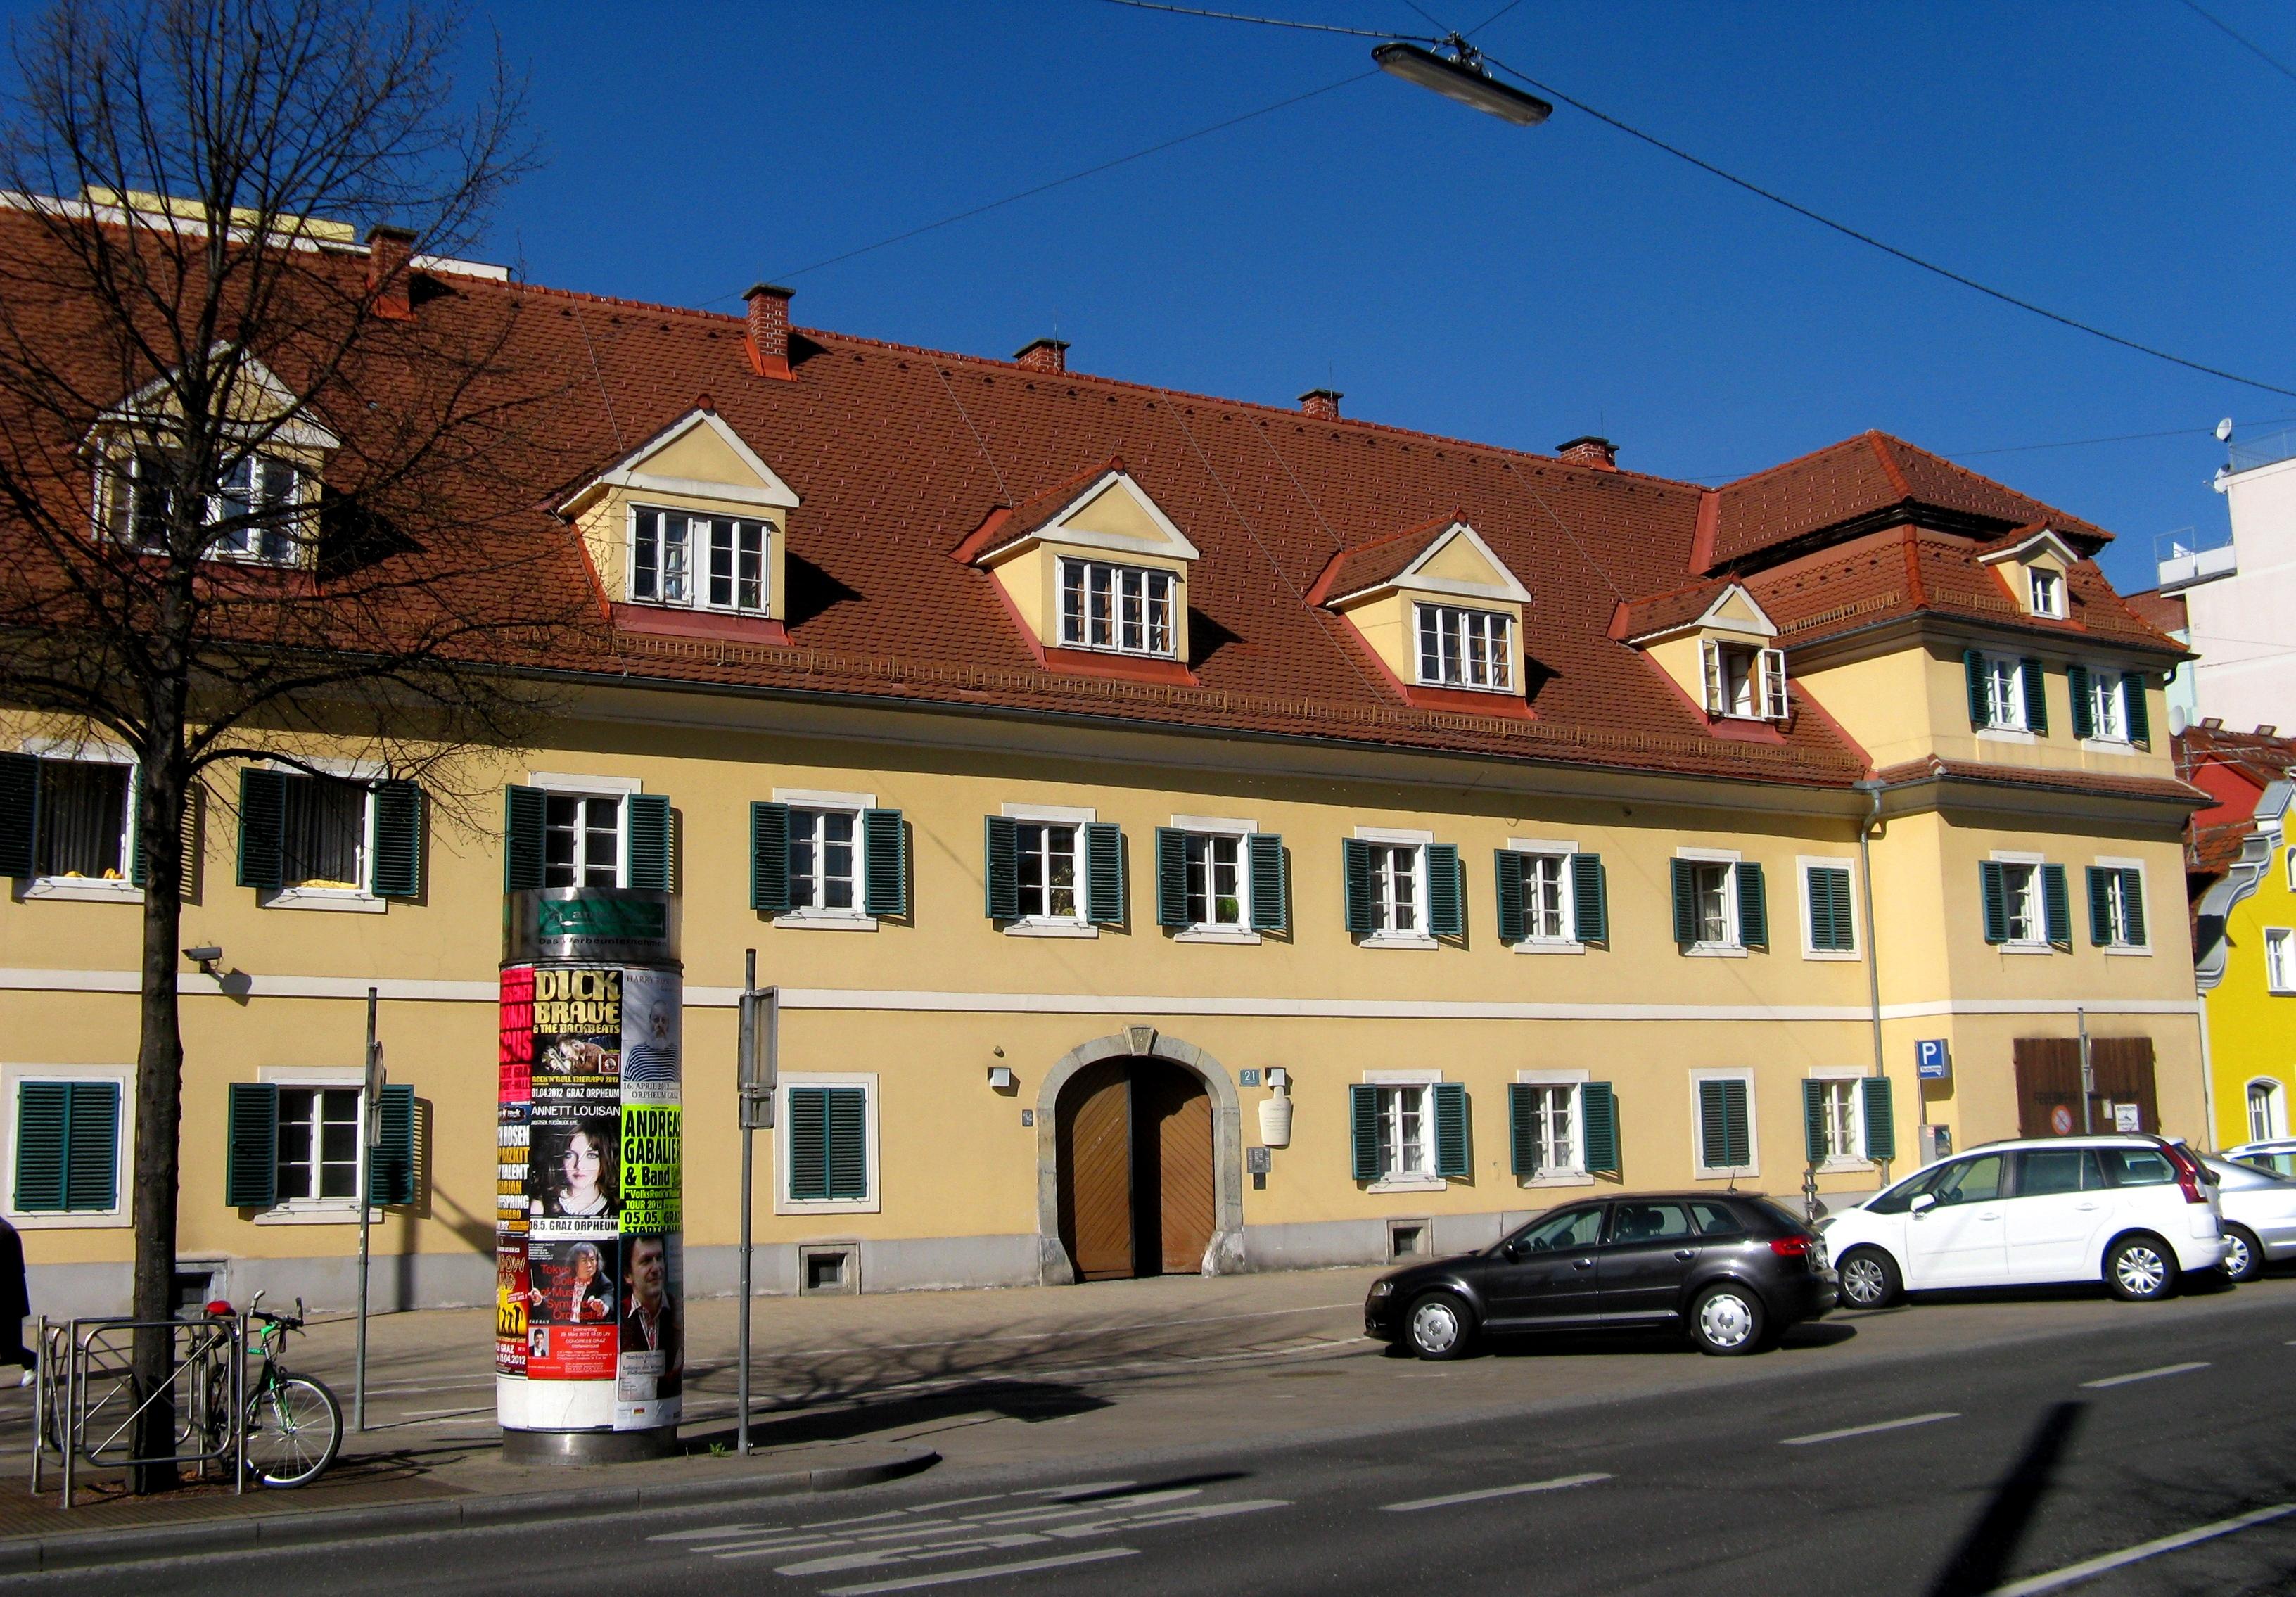 Wohnung Kaufen In Essen Holsterhausen